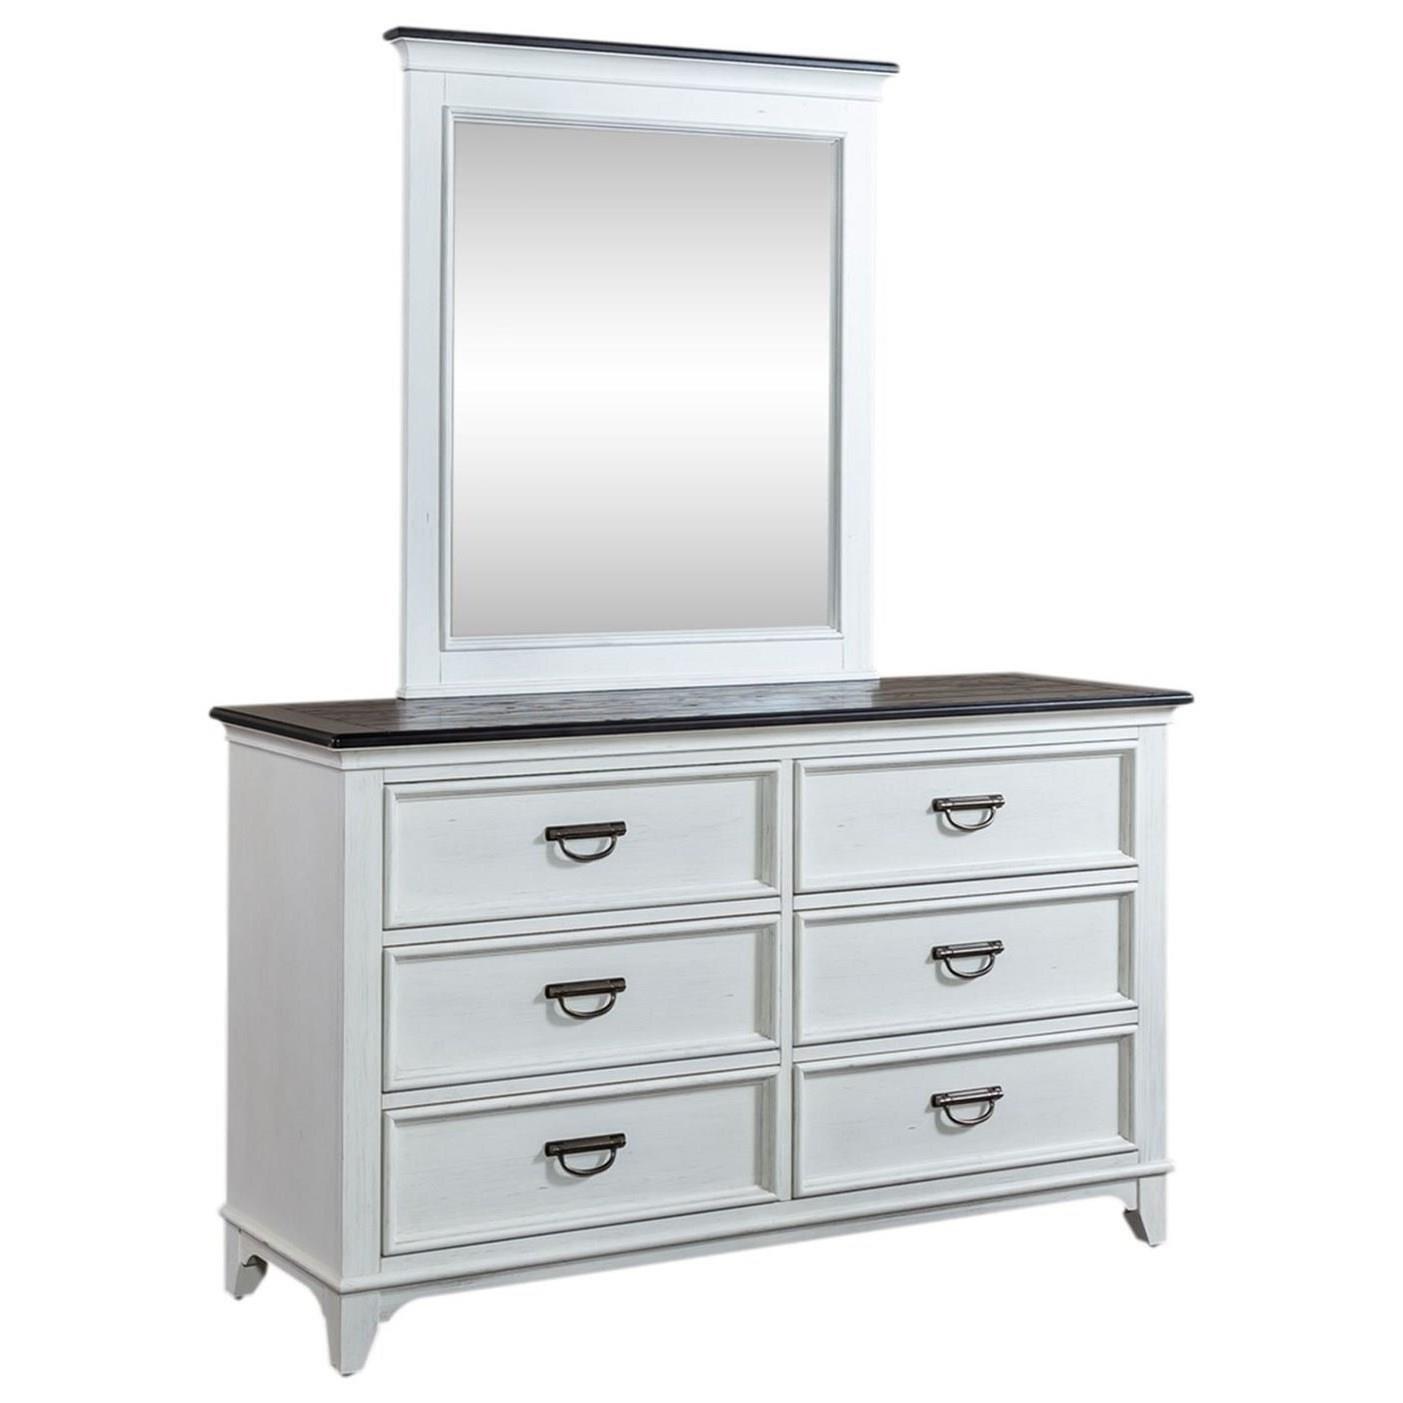 Kid's 6-Drawer Dresser & Mirror Set